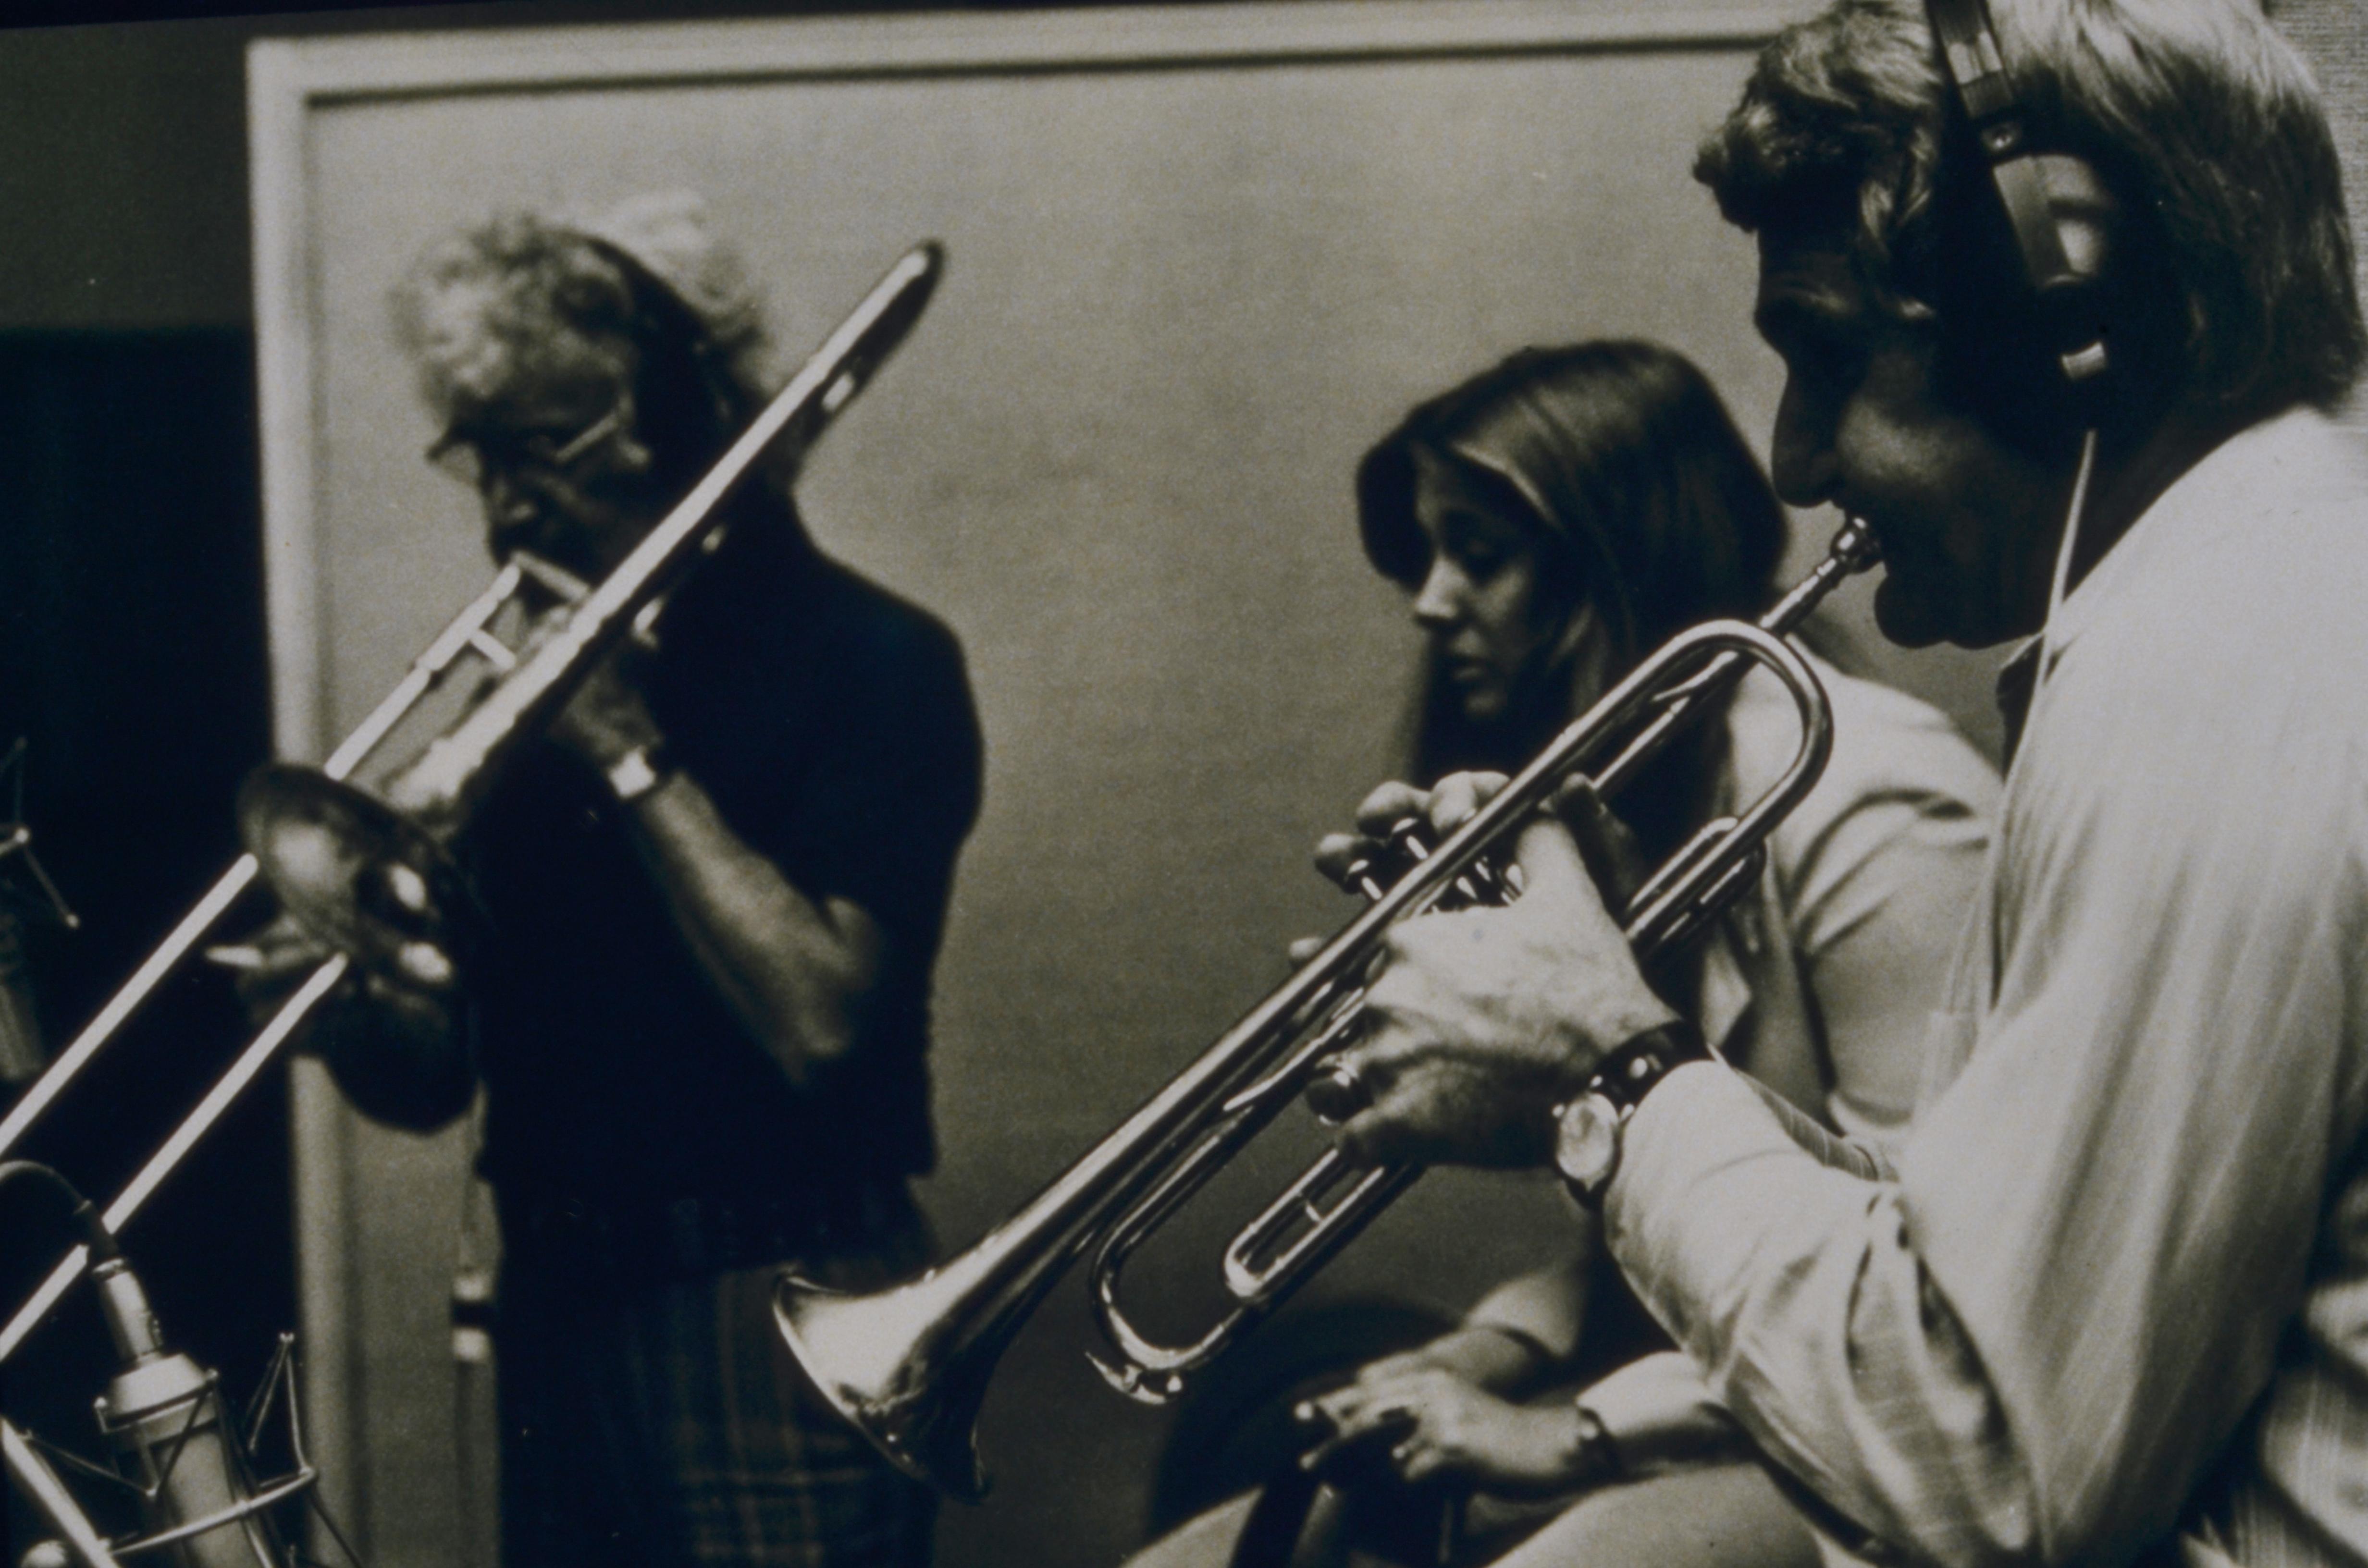 Frank, Diane, Conte Candoli